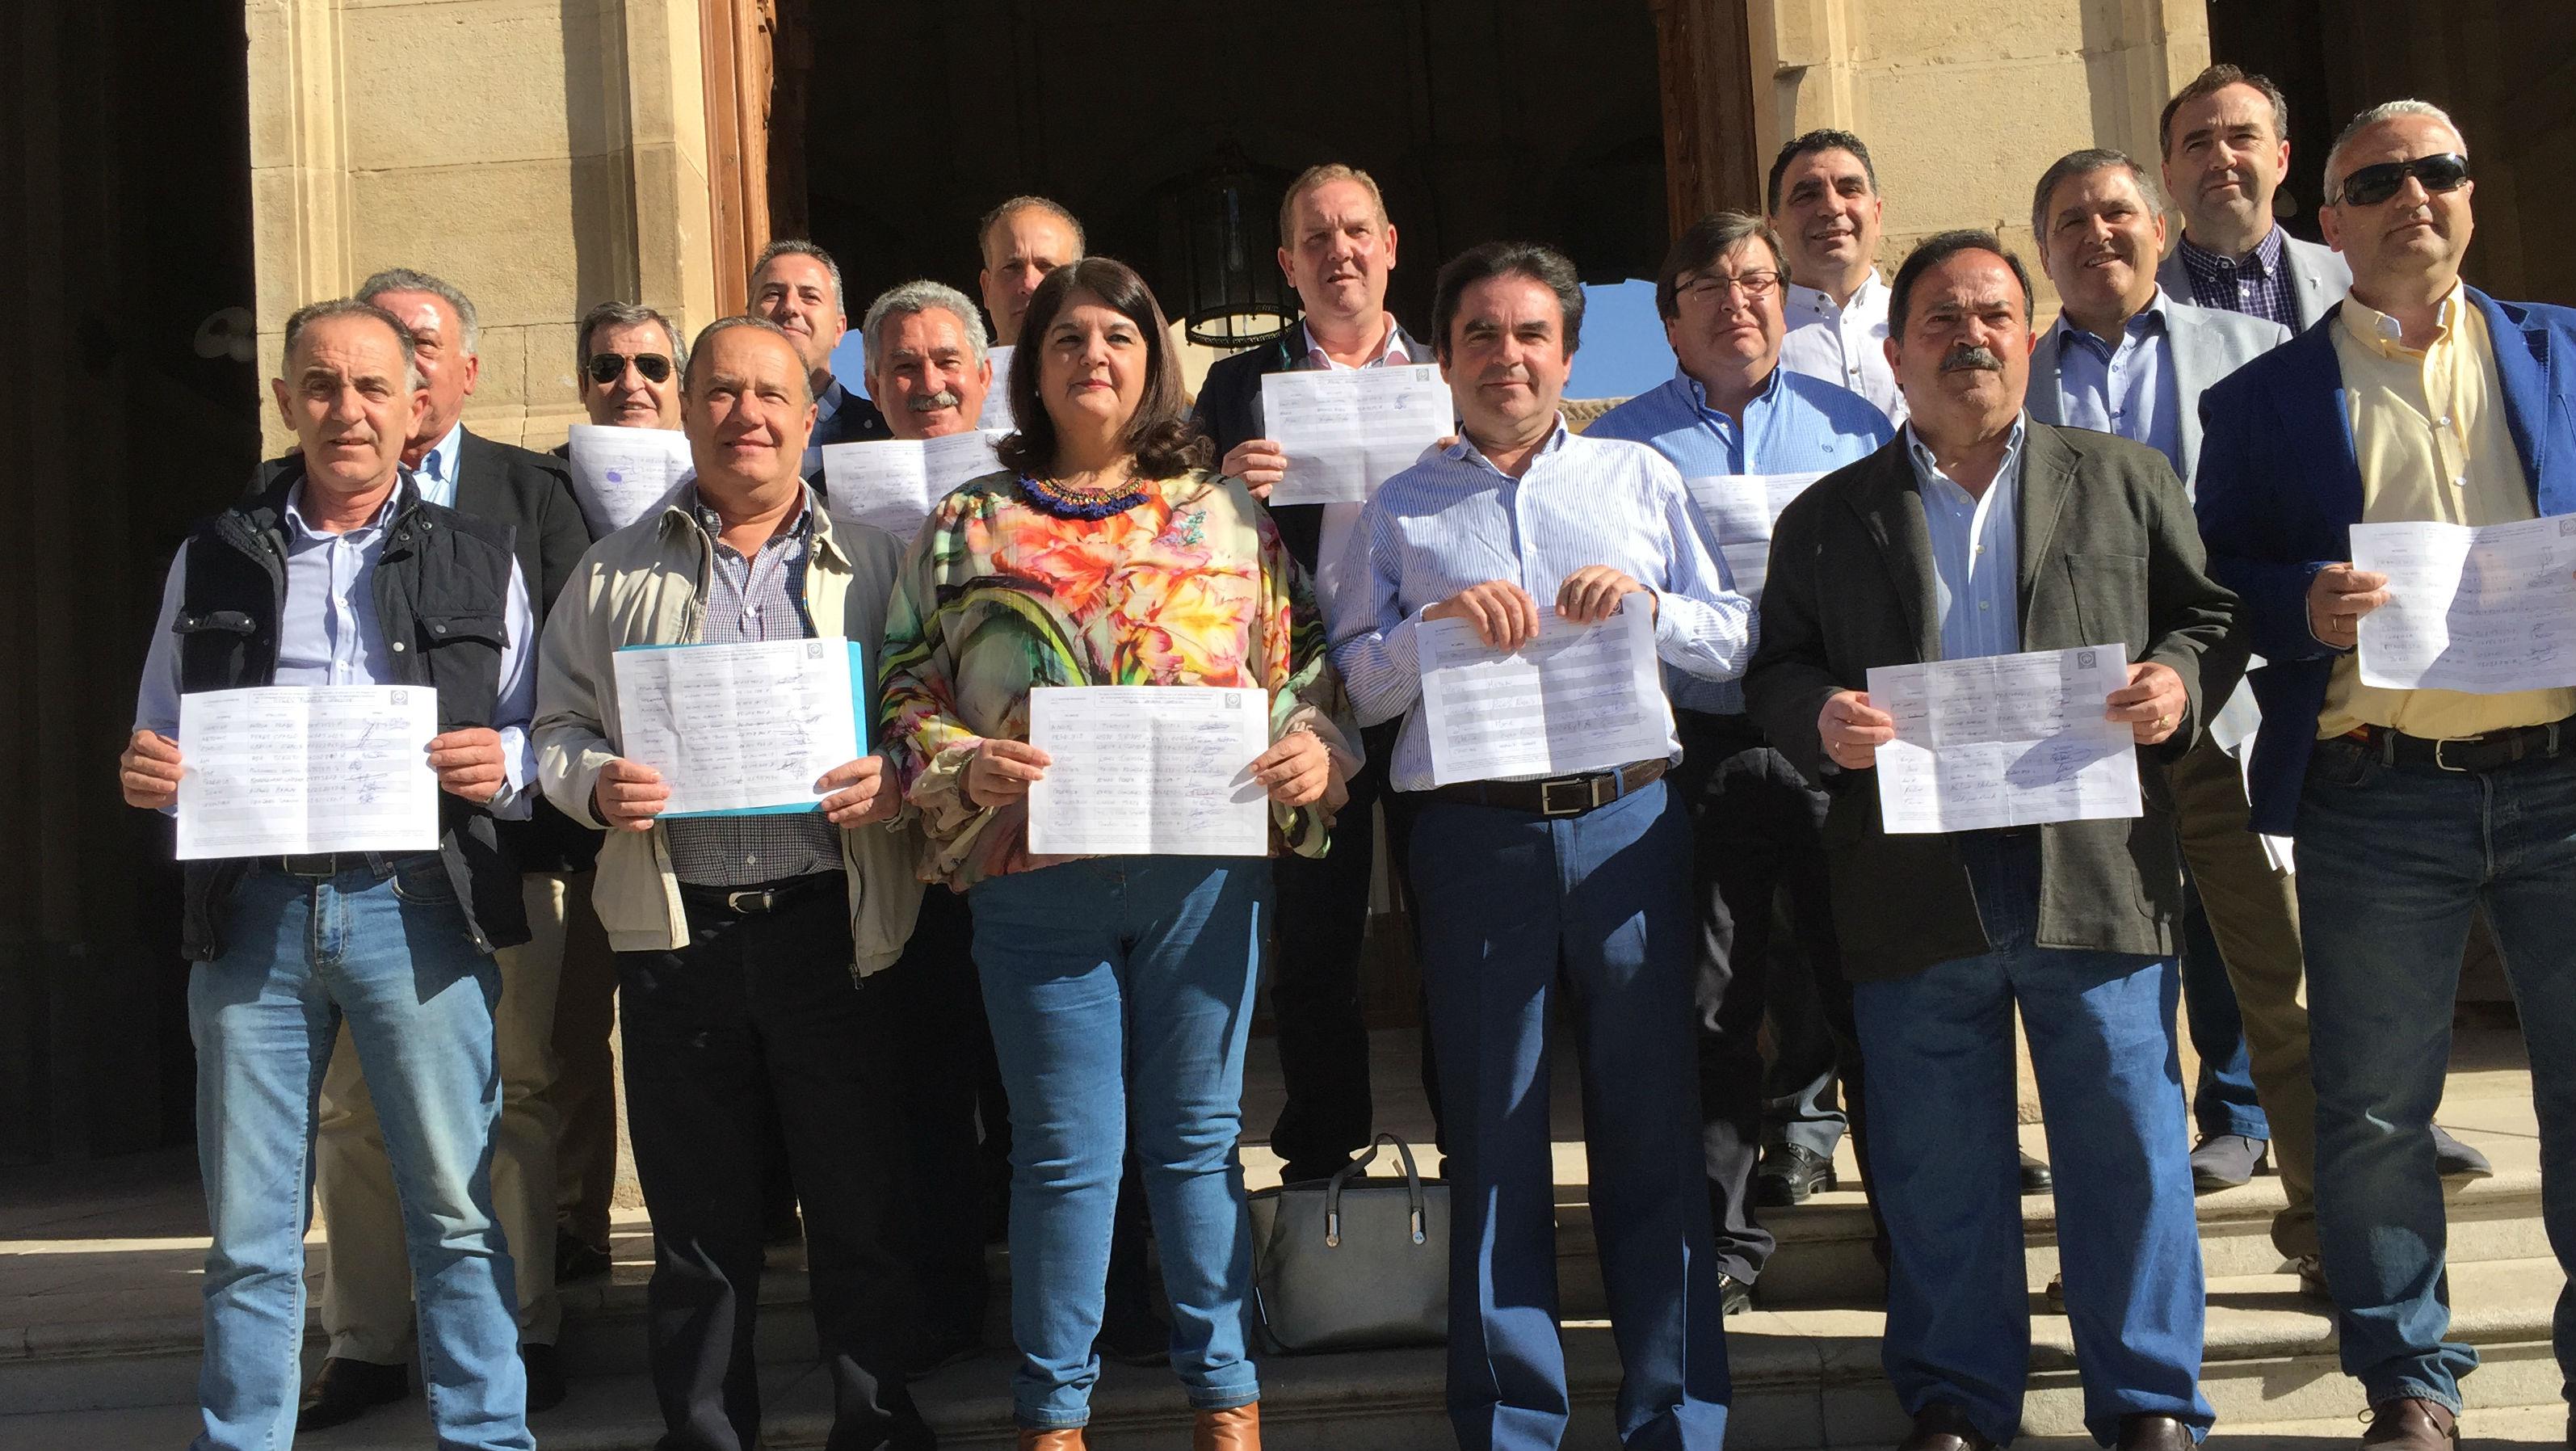 Alcaldes populares del sector crítico en un acto en apoyo de Miguel Moreno.